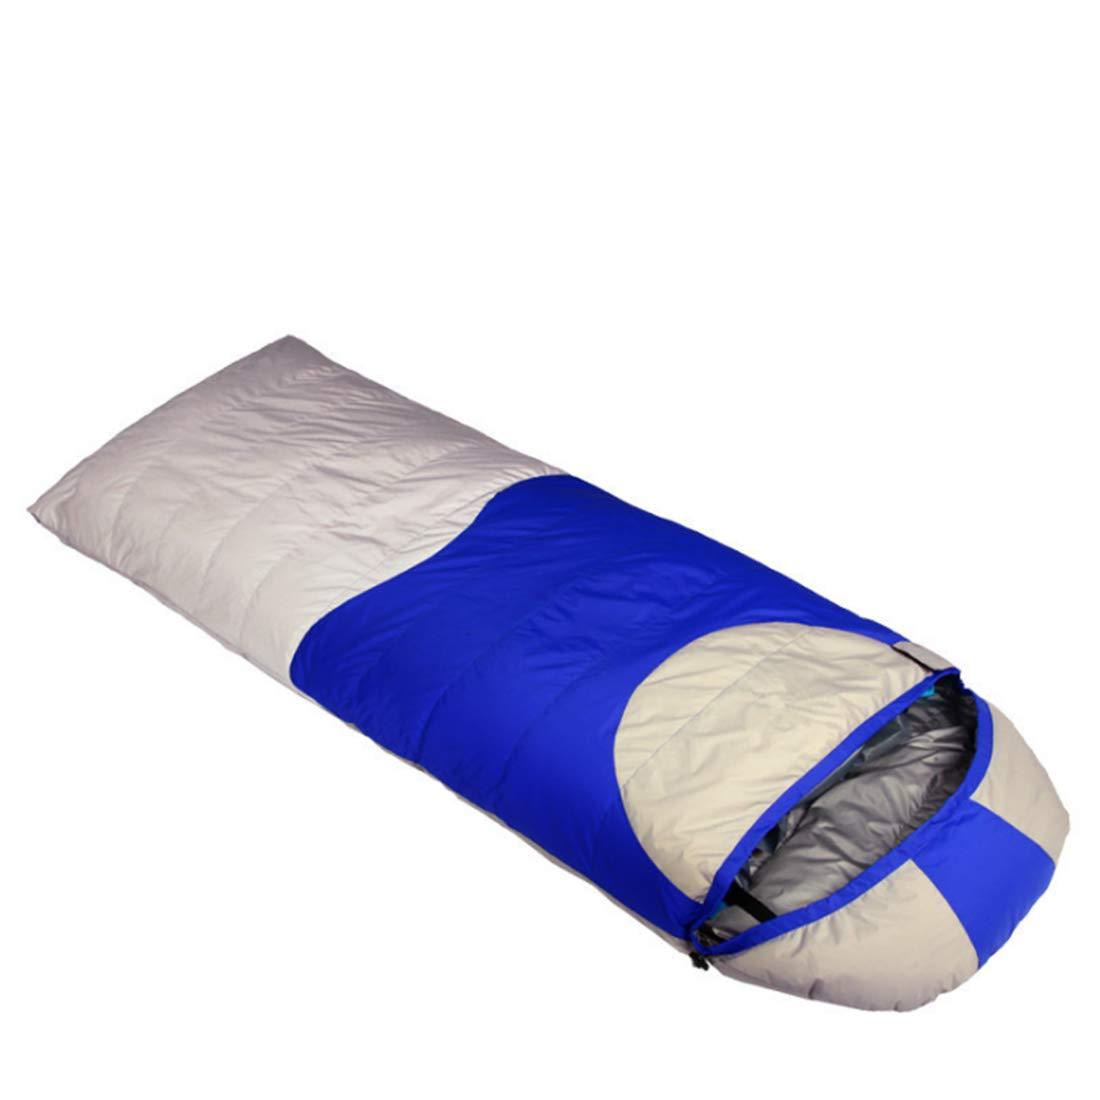 CUBCBIIS エンベロープ大人用寝袋キャンプ、旅行、ハイキングに最適 (Color : レッド) B07N794NFB ブルー  ブルー